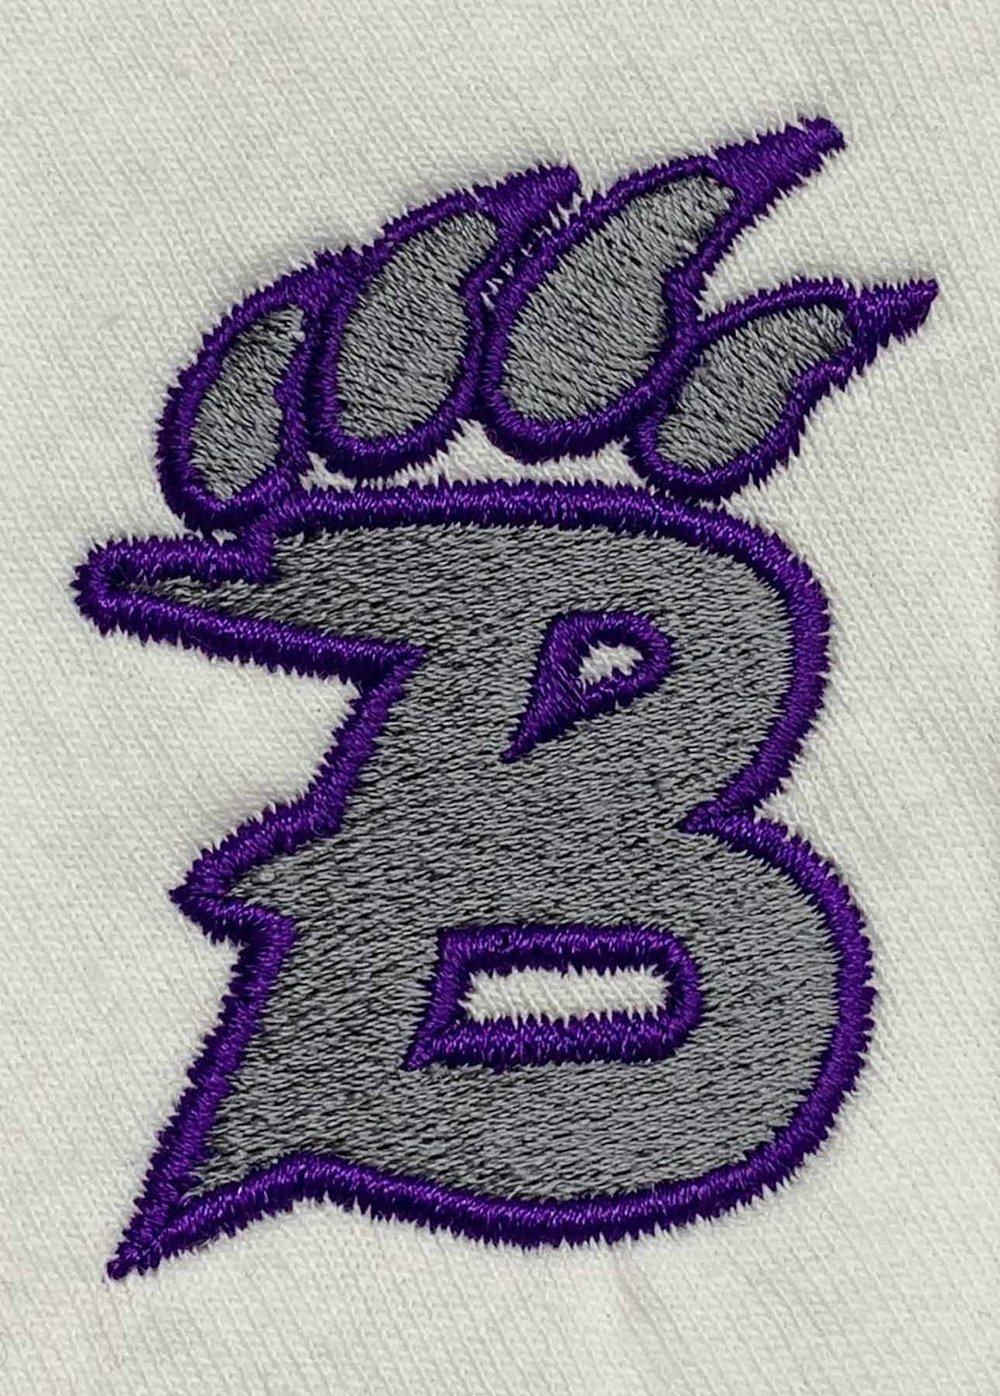 KYC_BHS-BEARCATS-B-LOGO-3_web.jpg